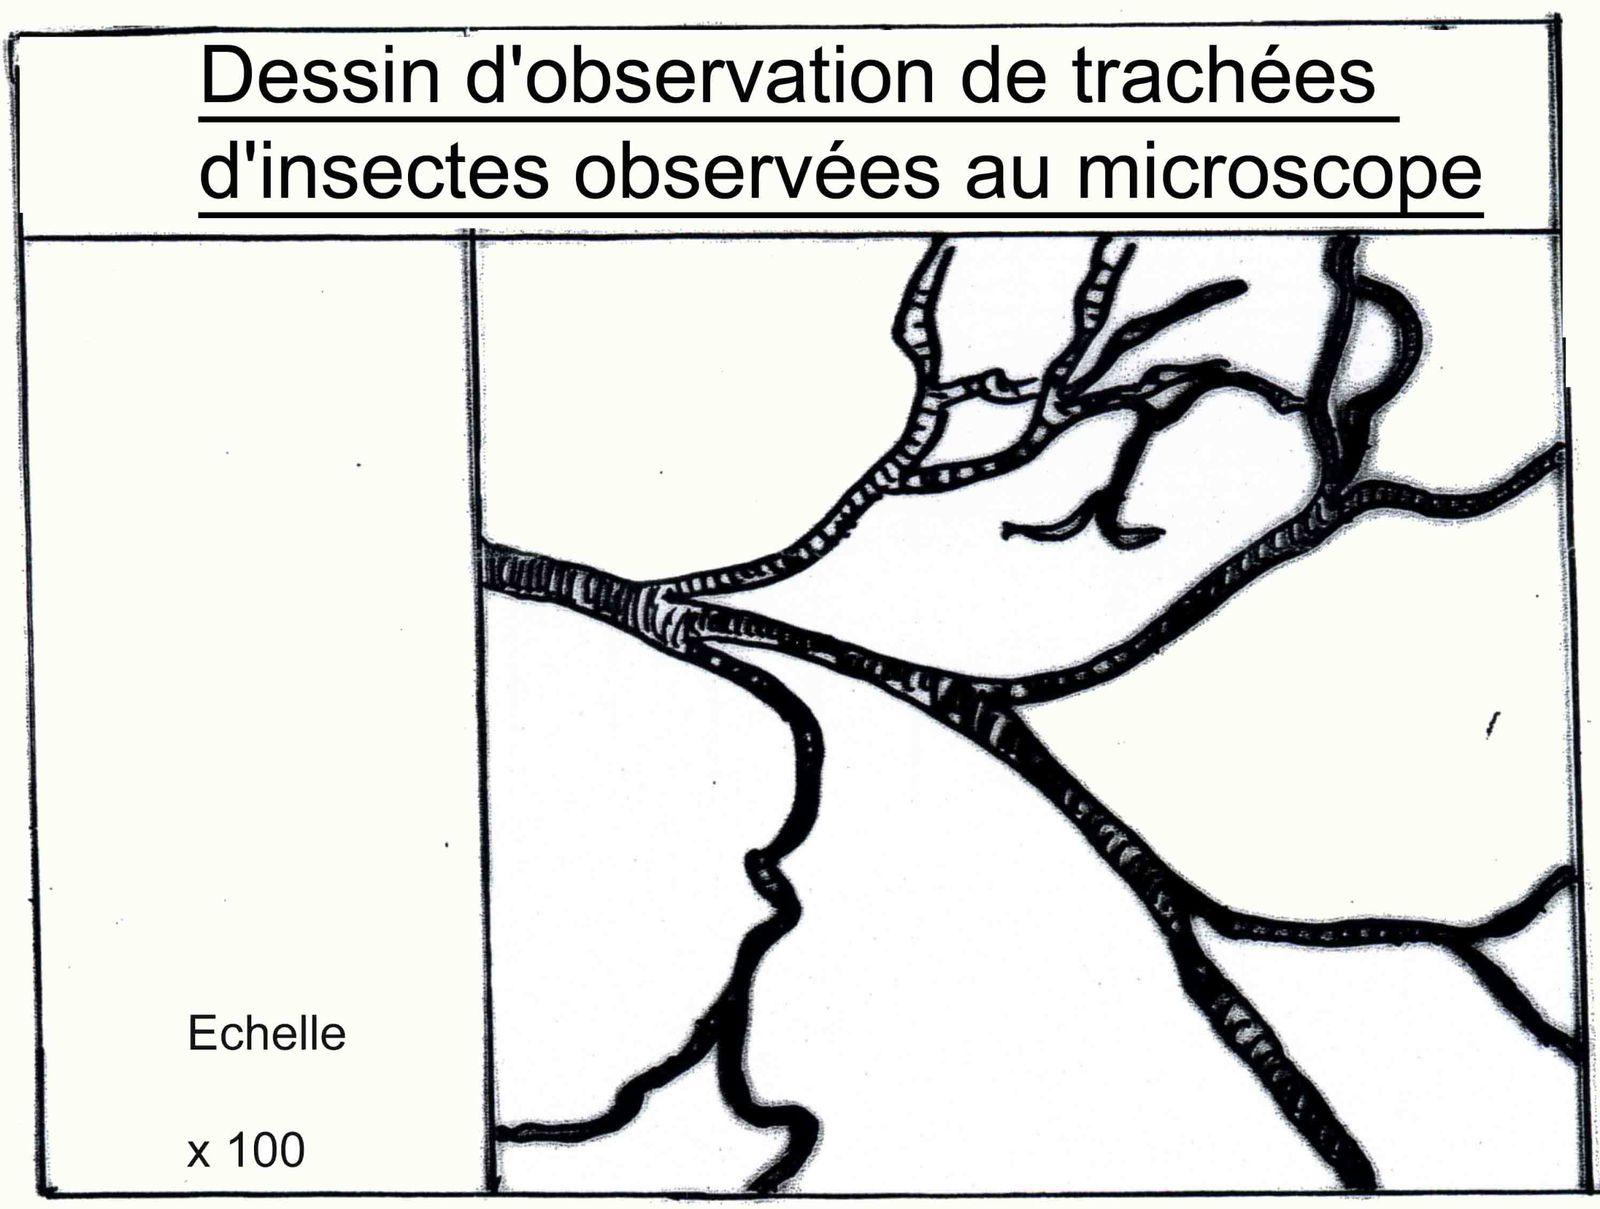 Dessin d'observation